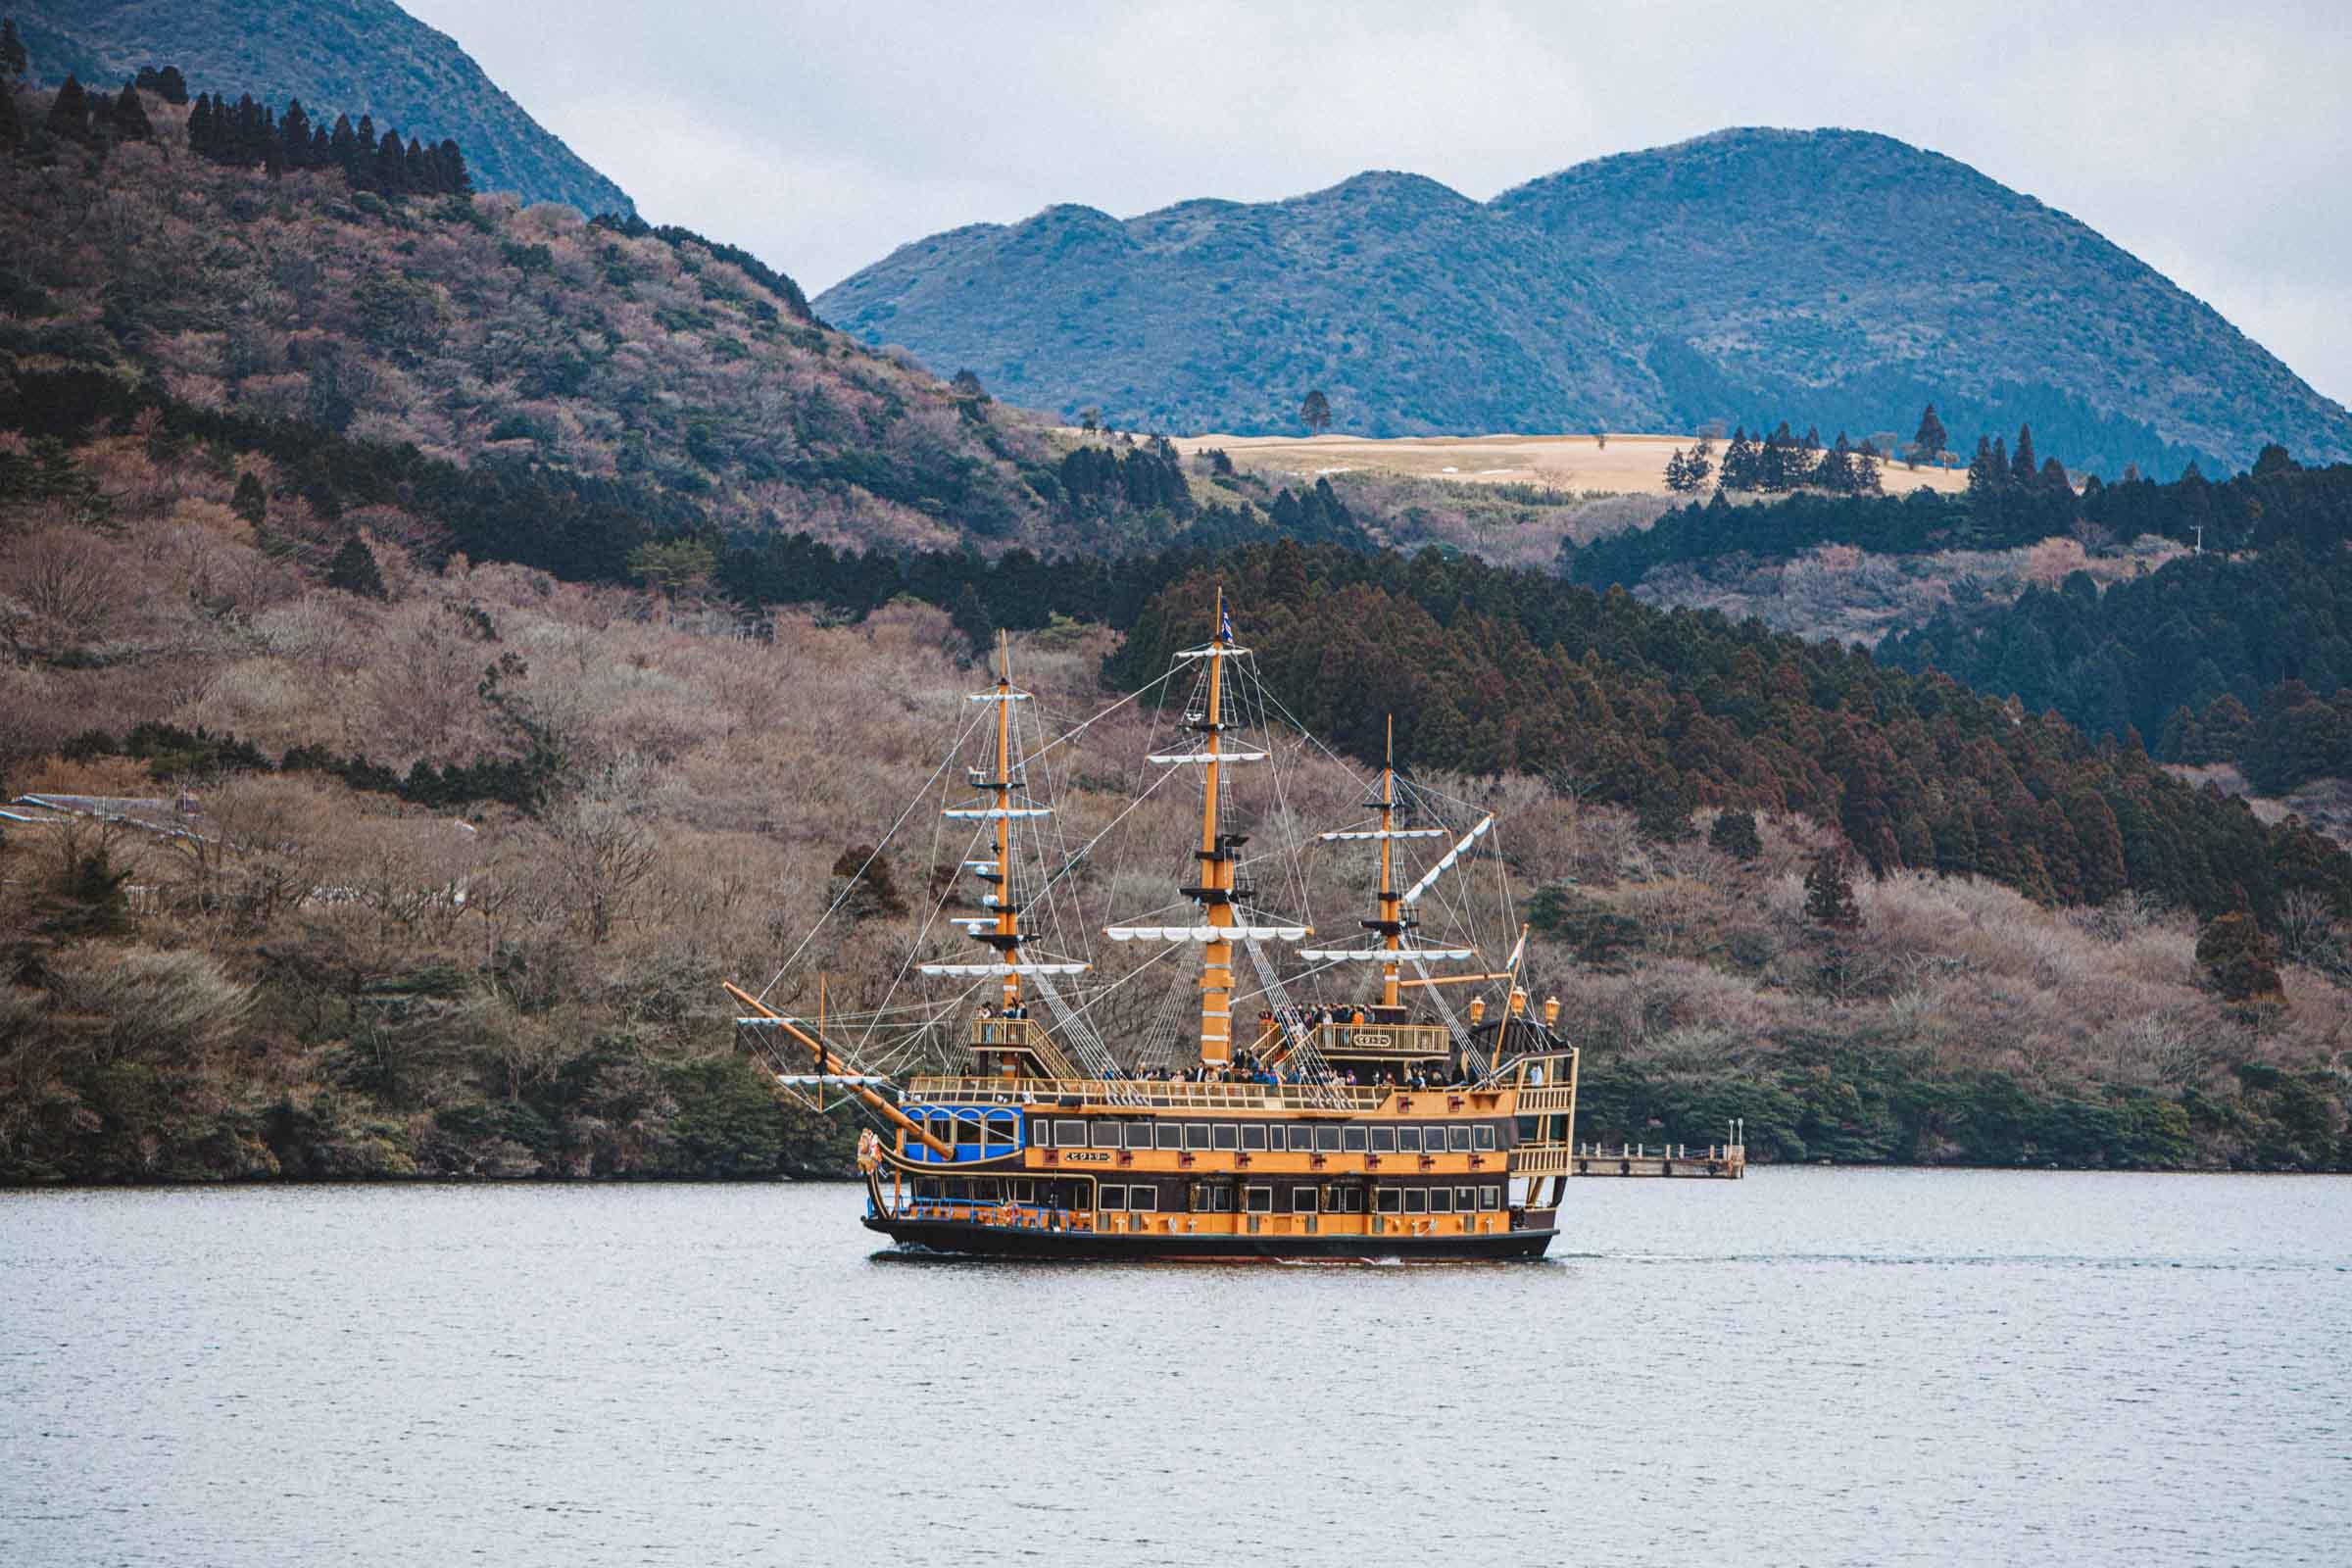 Hakone Sightseeing Cruise - Hakone, Japan